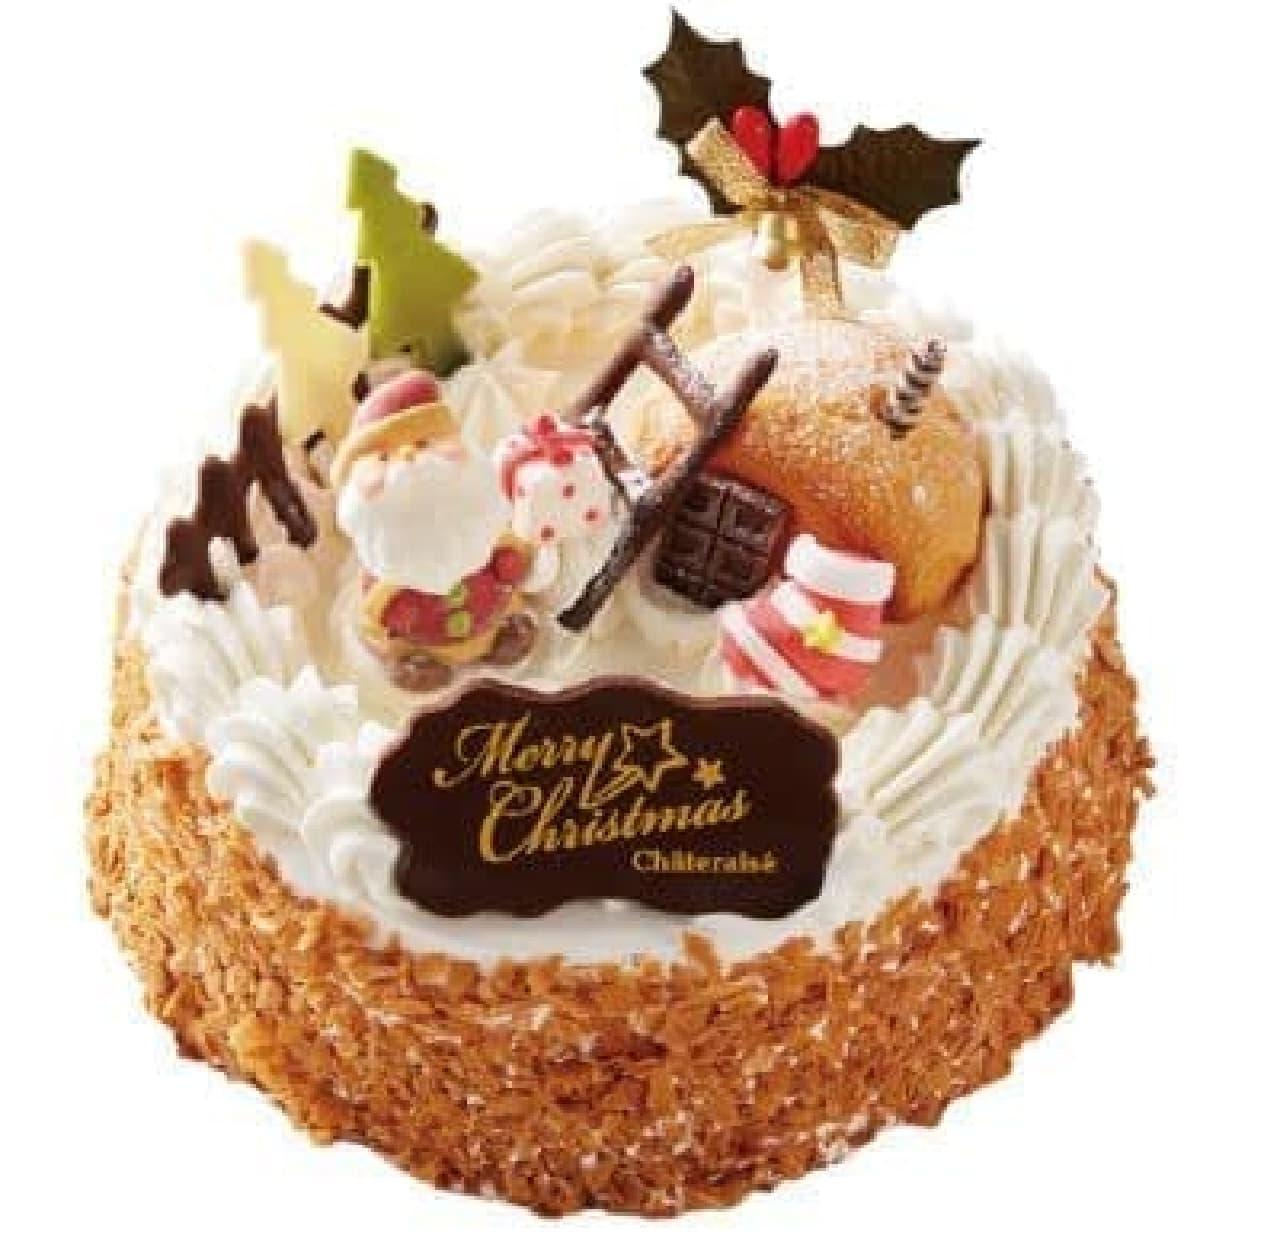 シャトレーゼ「Xmasアイスデコレーション キャラメルバニラ&チョコクッキー17cm」